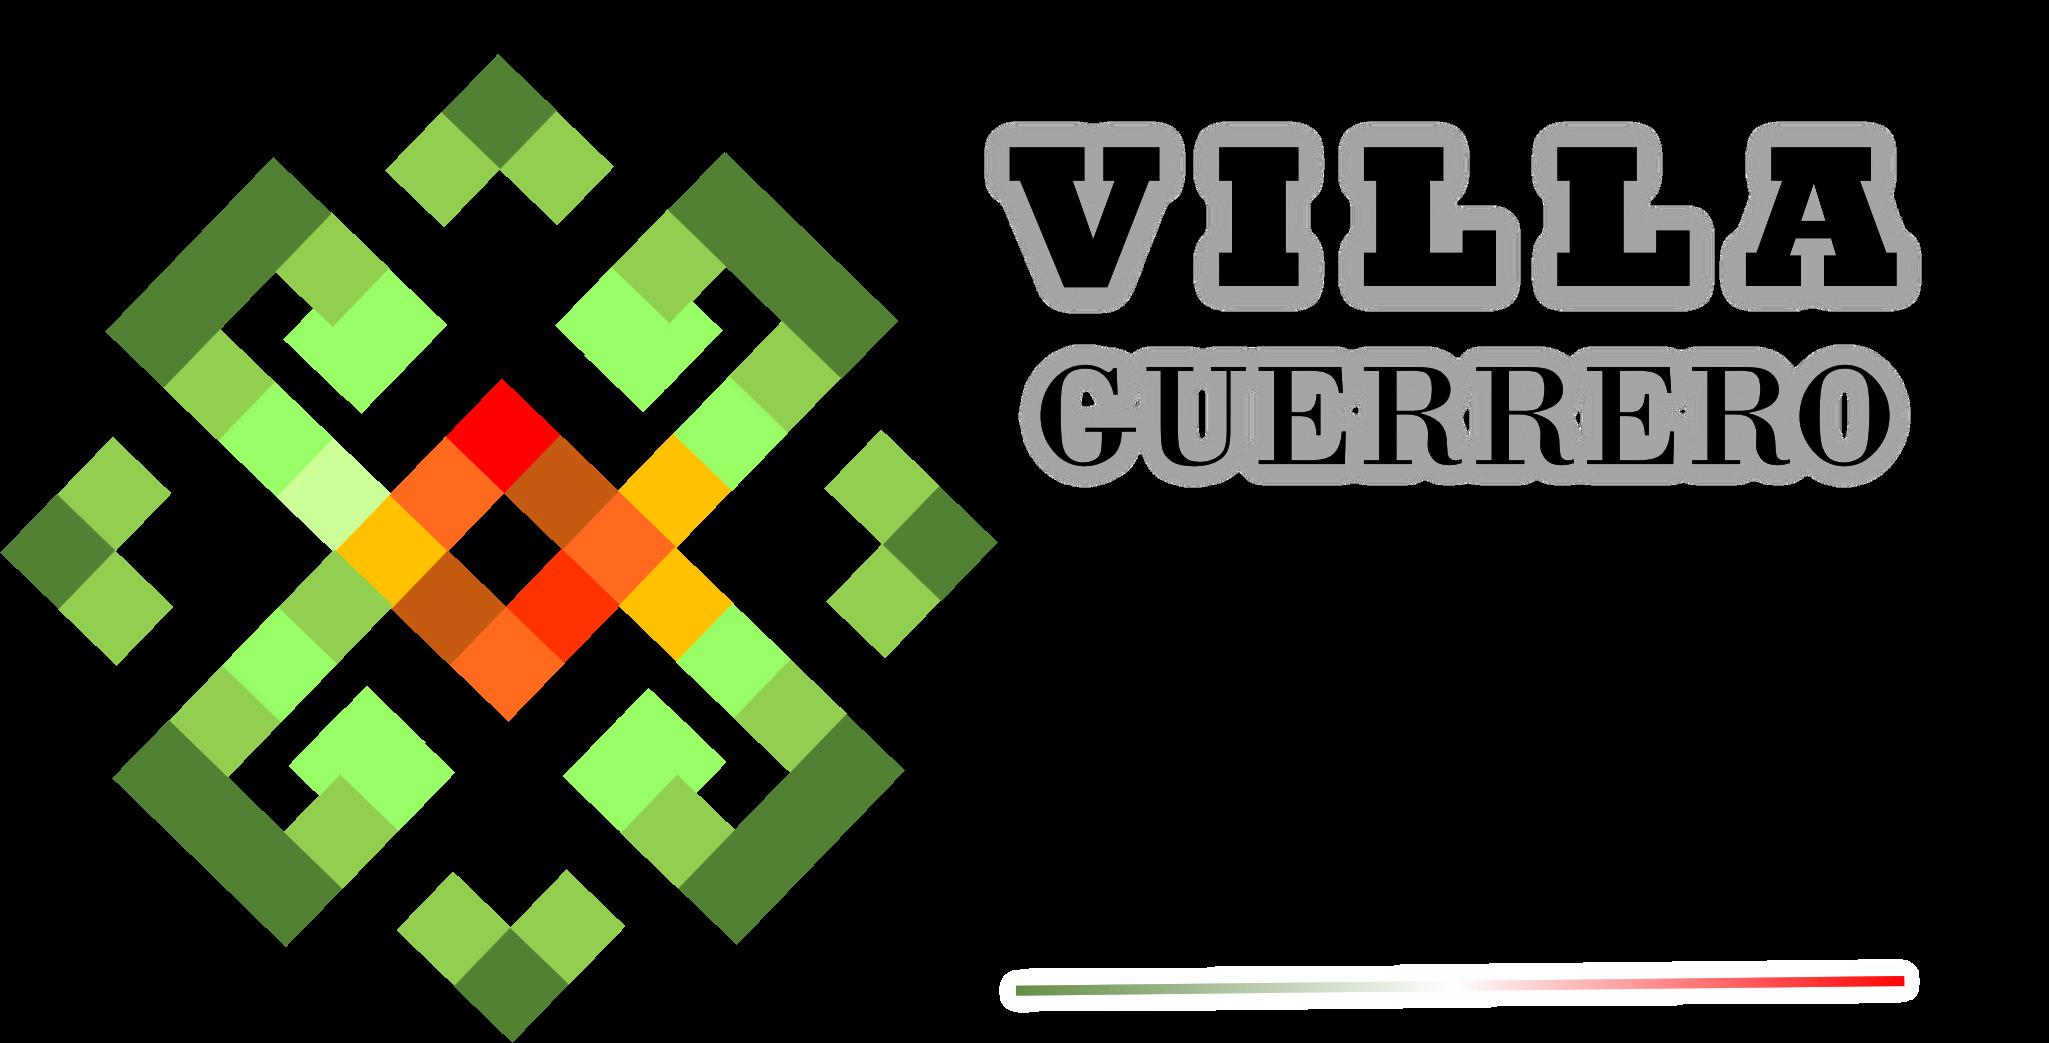 H. AYUNTAMIENTO DE VILLA GUERRERO